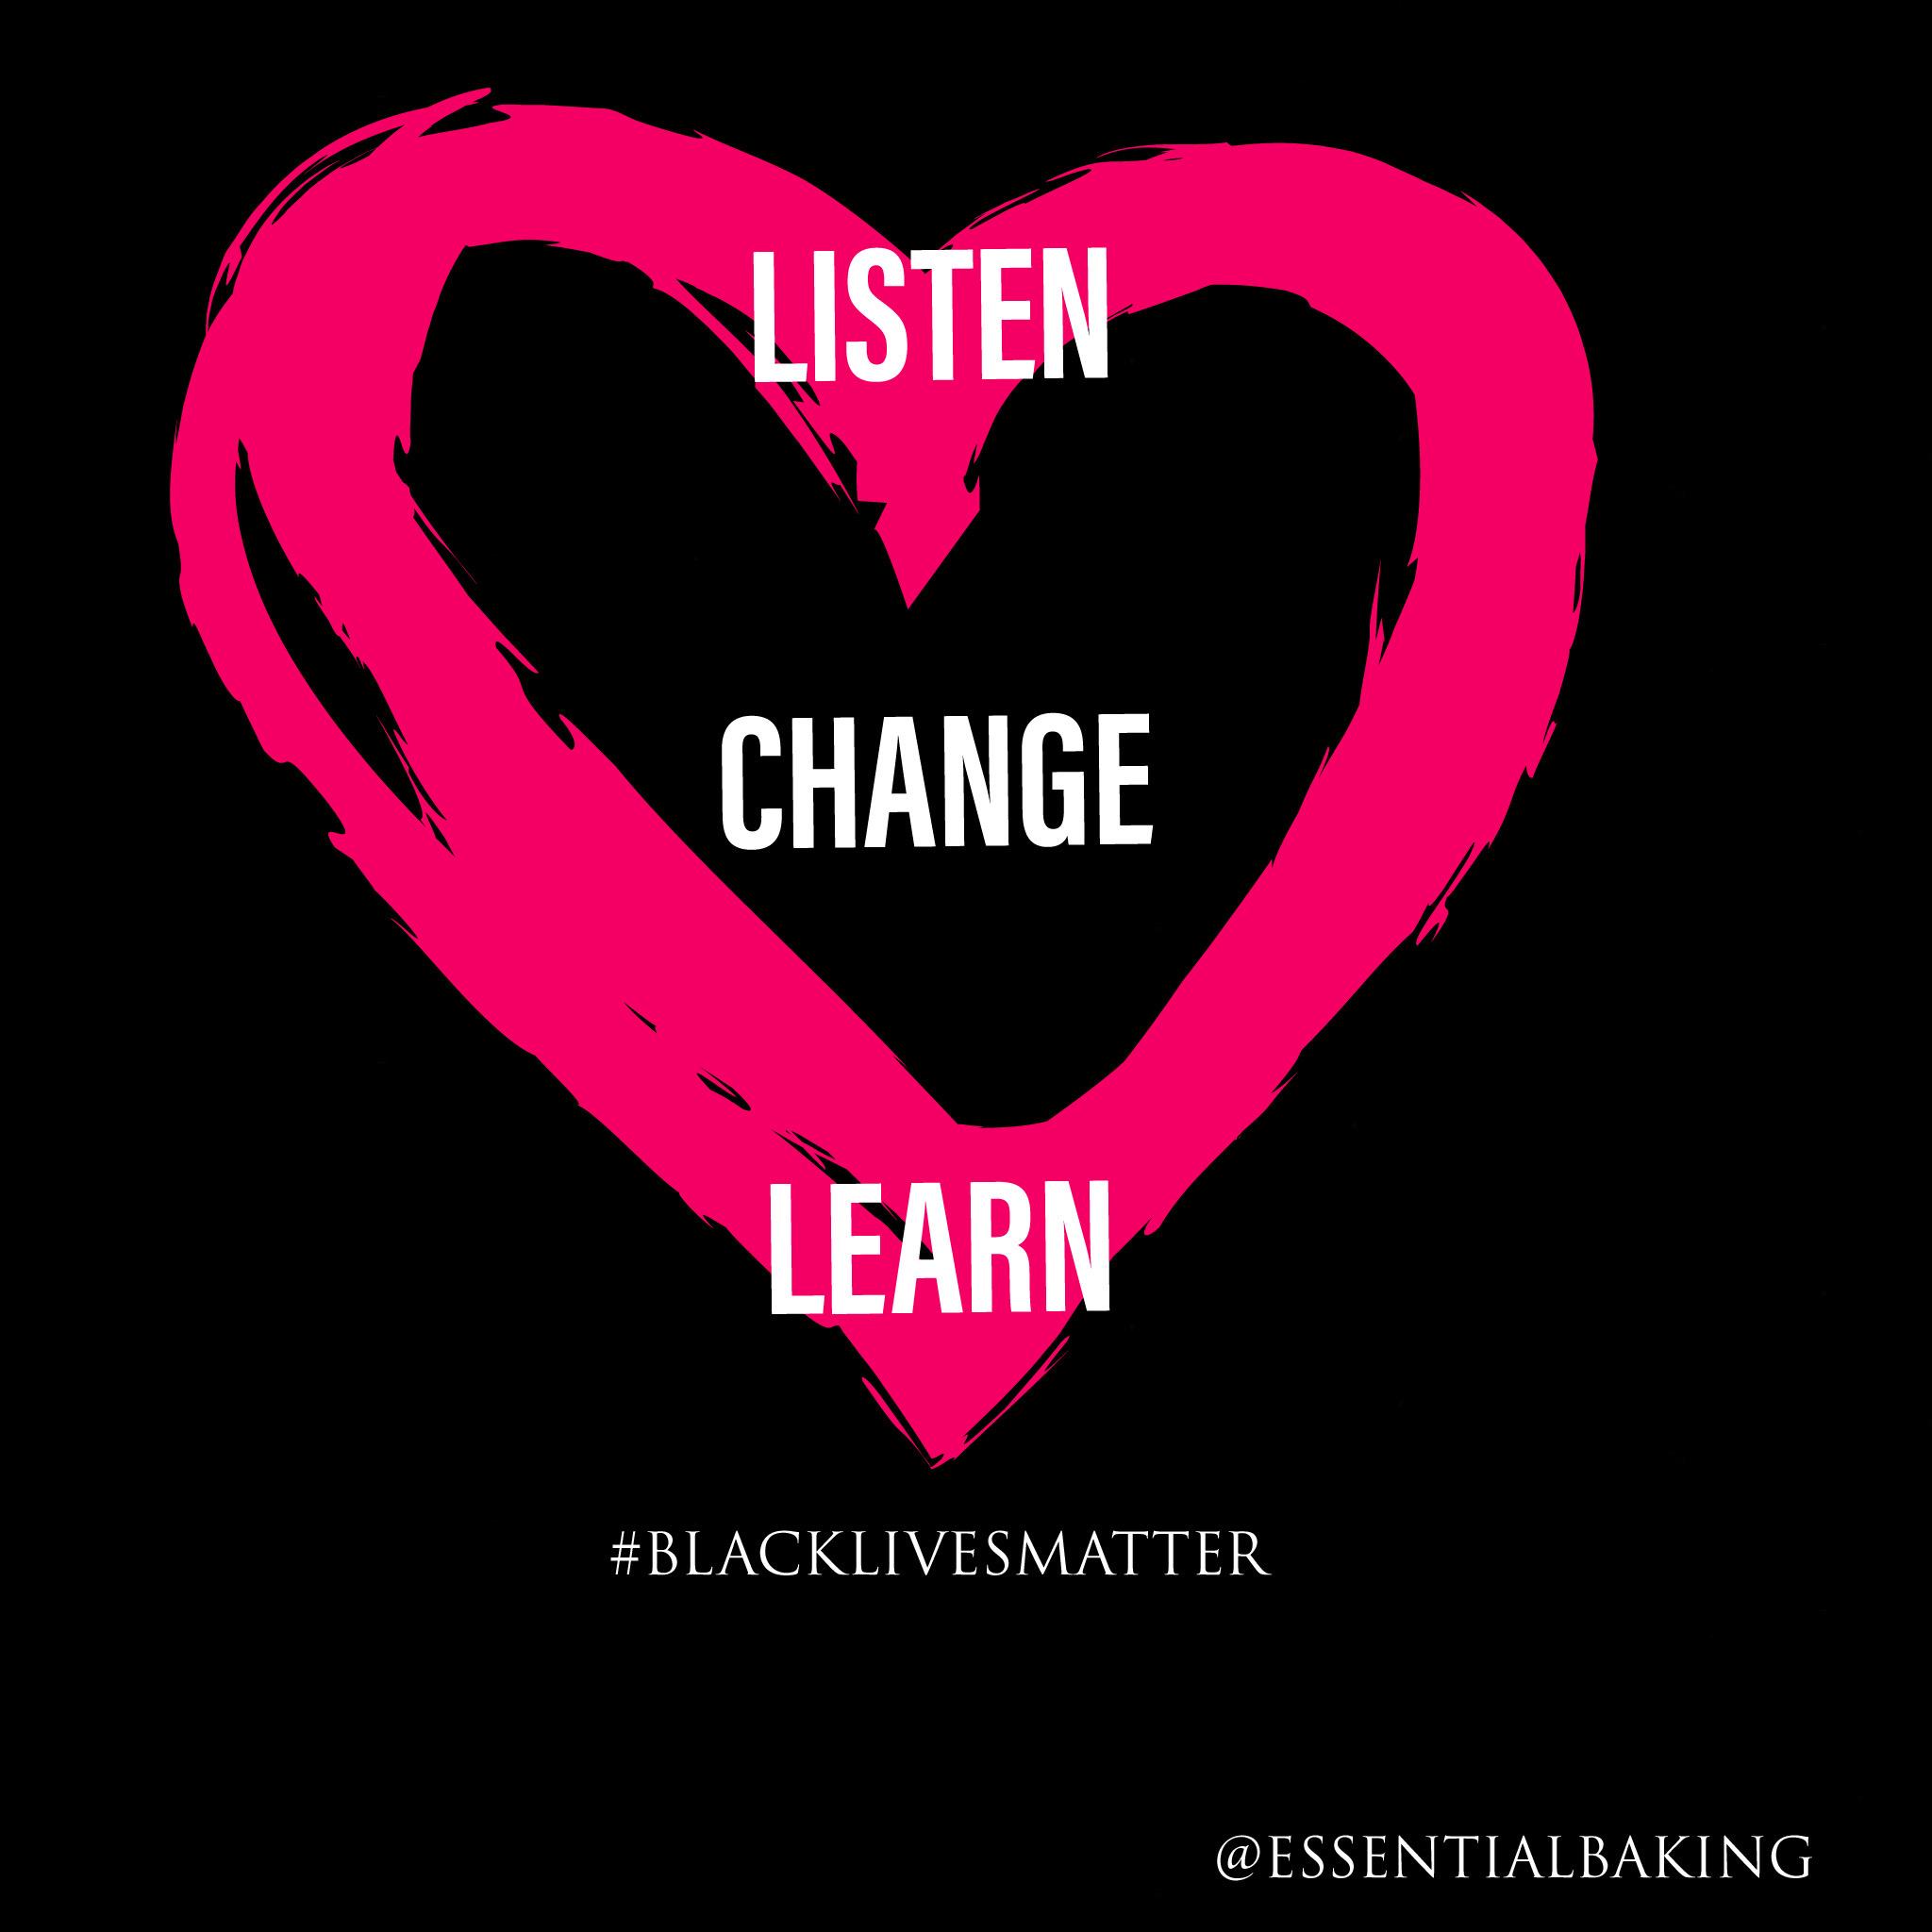 Listen, Learn, Change